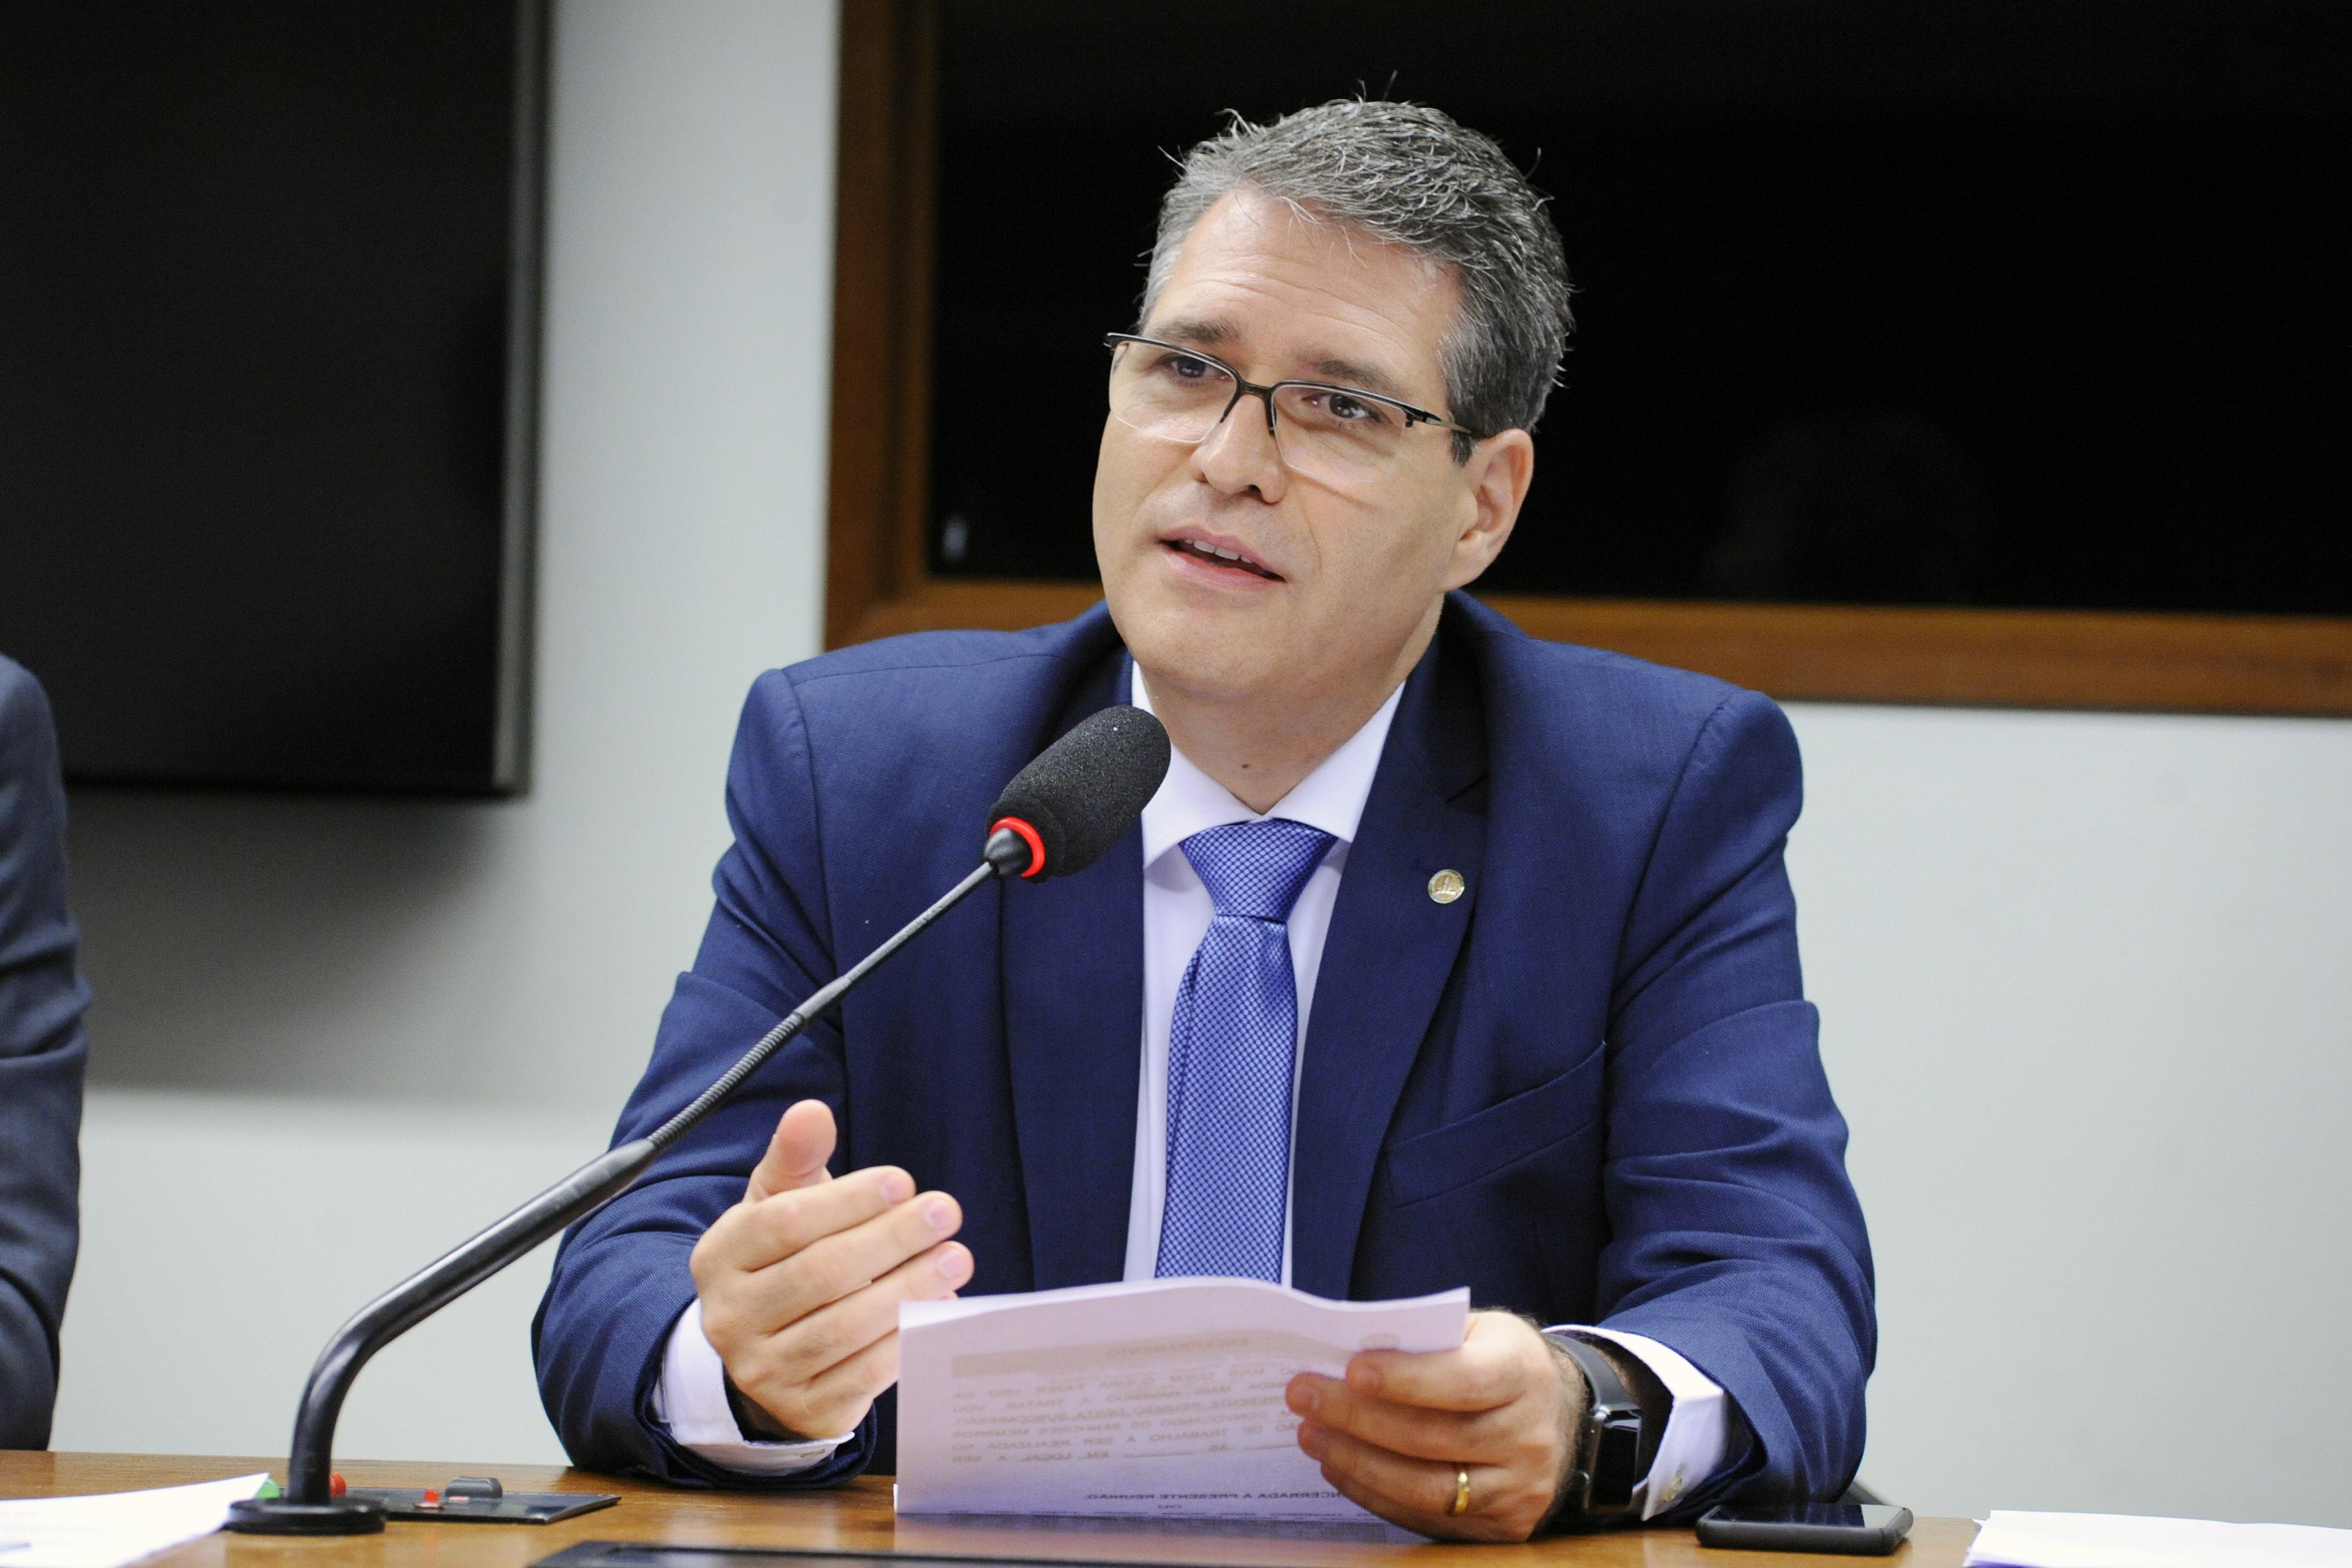 Subcomissão Especial Cidades Inteligentes 2019. Dep. Francisco Jr. (PSD-GO)